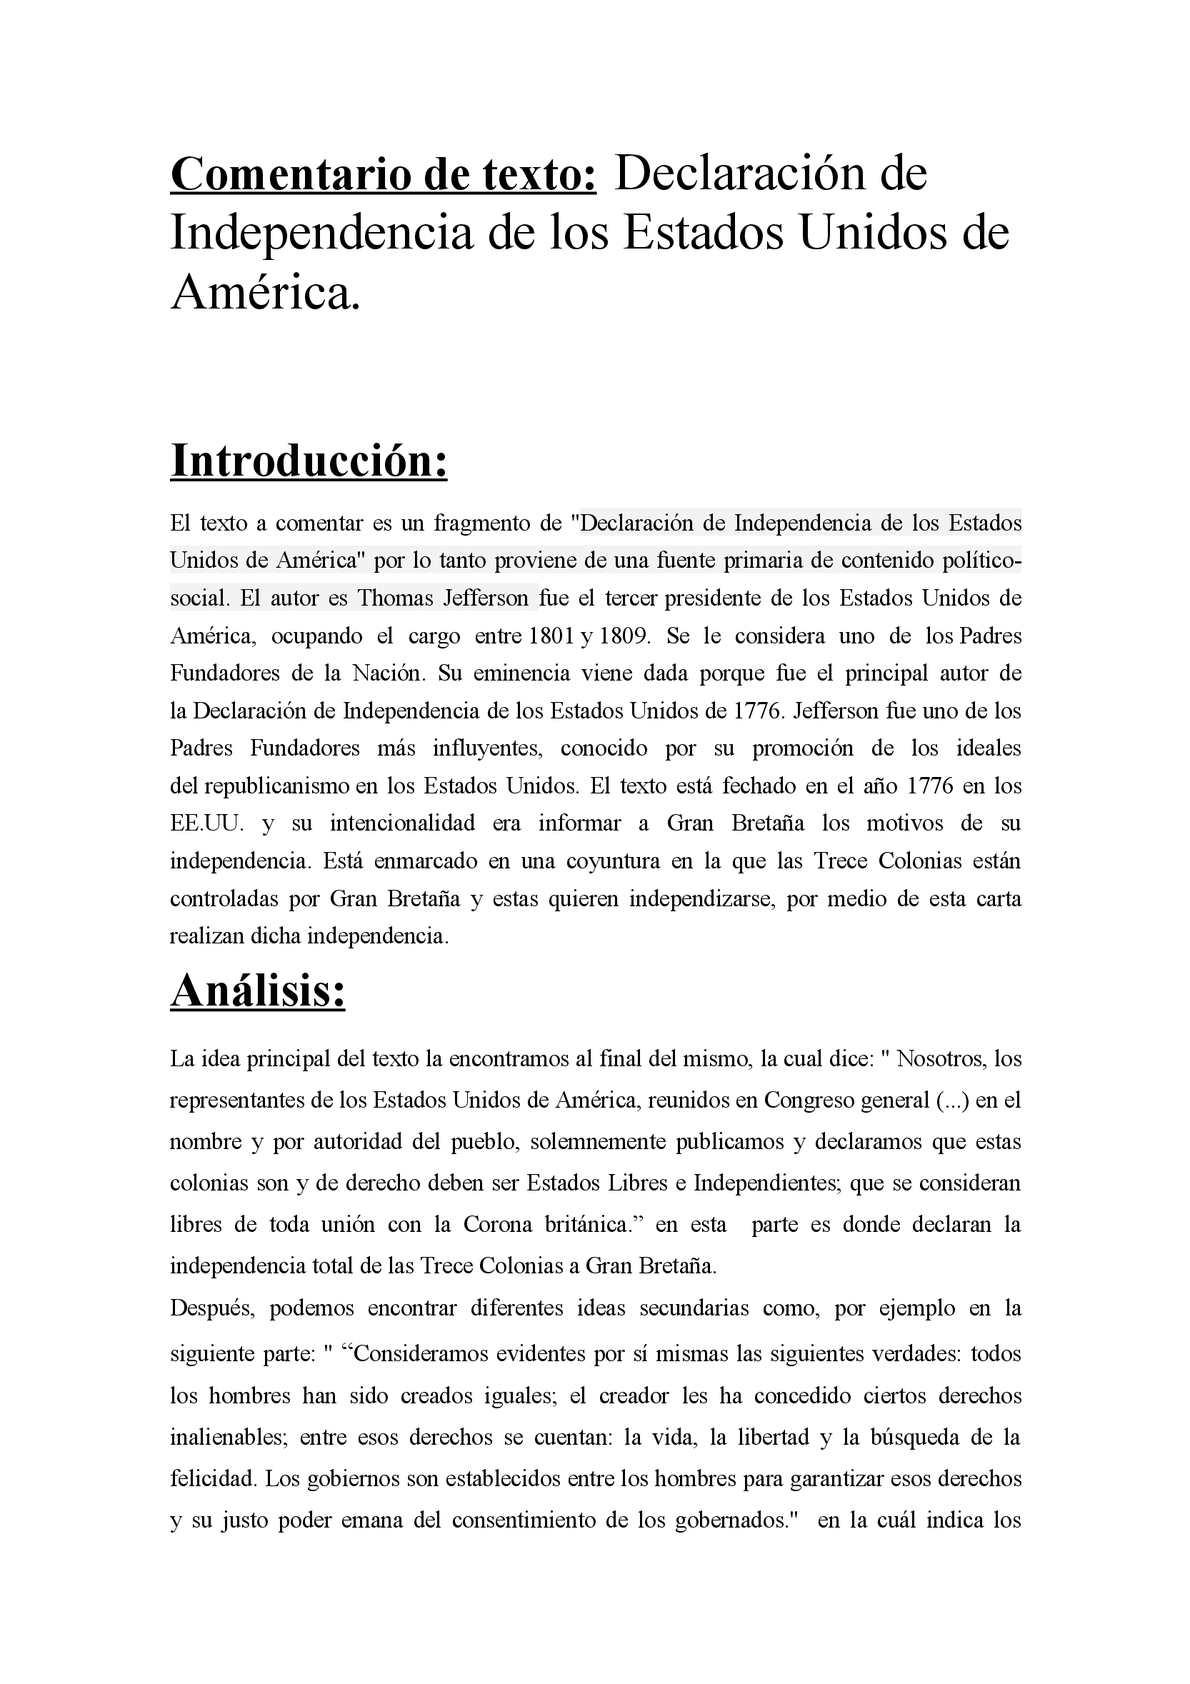 Calaméo - Comentario De Texto Declaración de Independencia de los EE UU